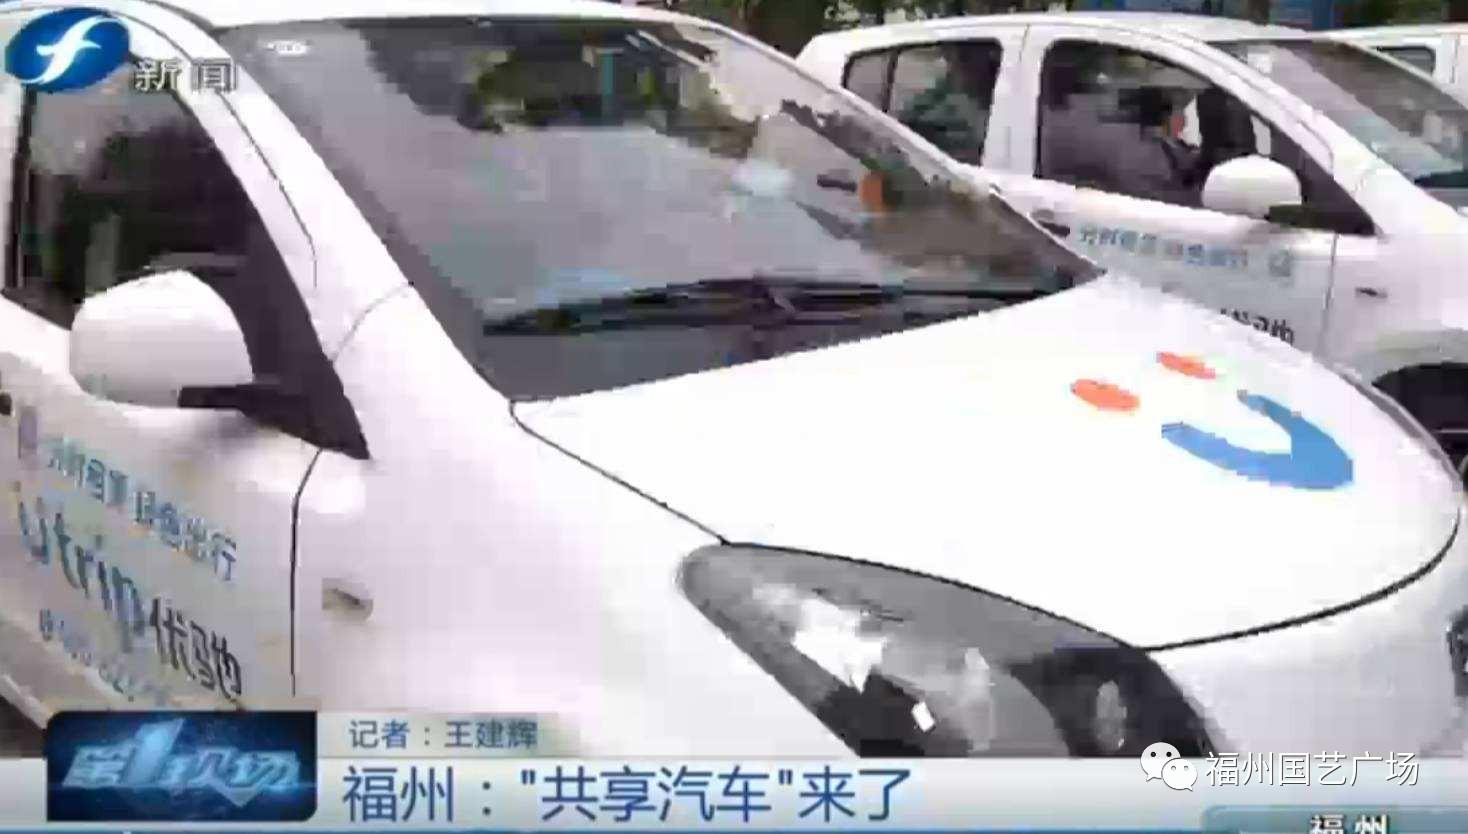 武平县到福州的长途汽车当日最早班次是哪... -畅途网武平县频道